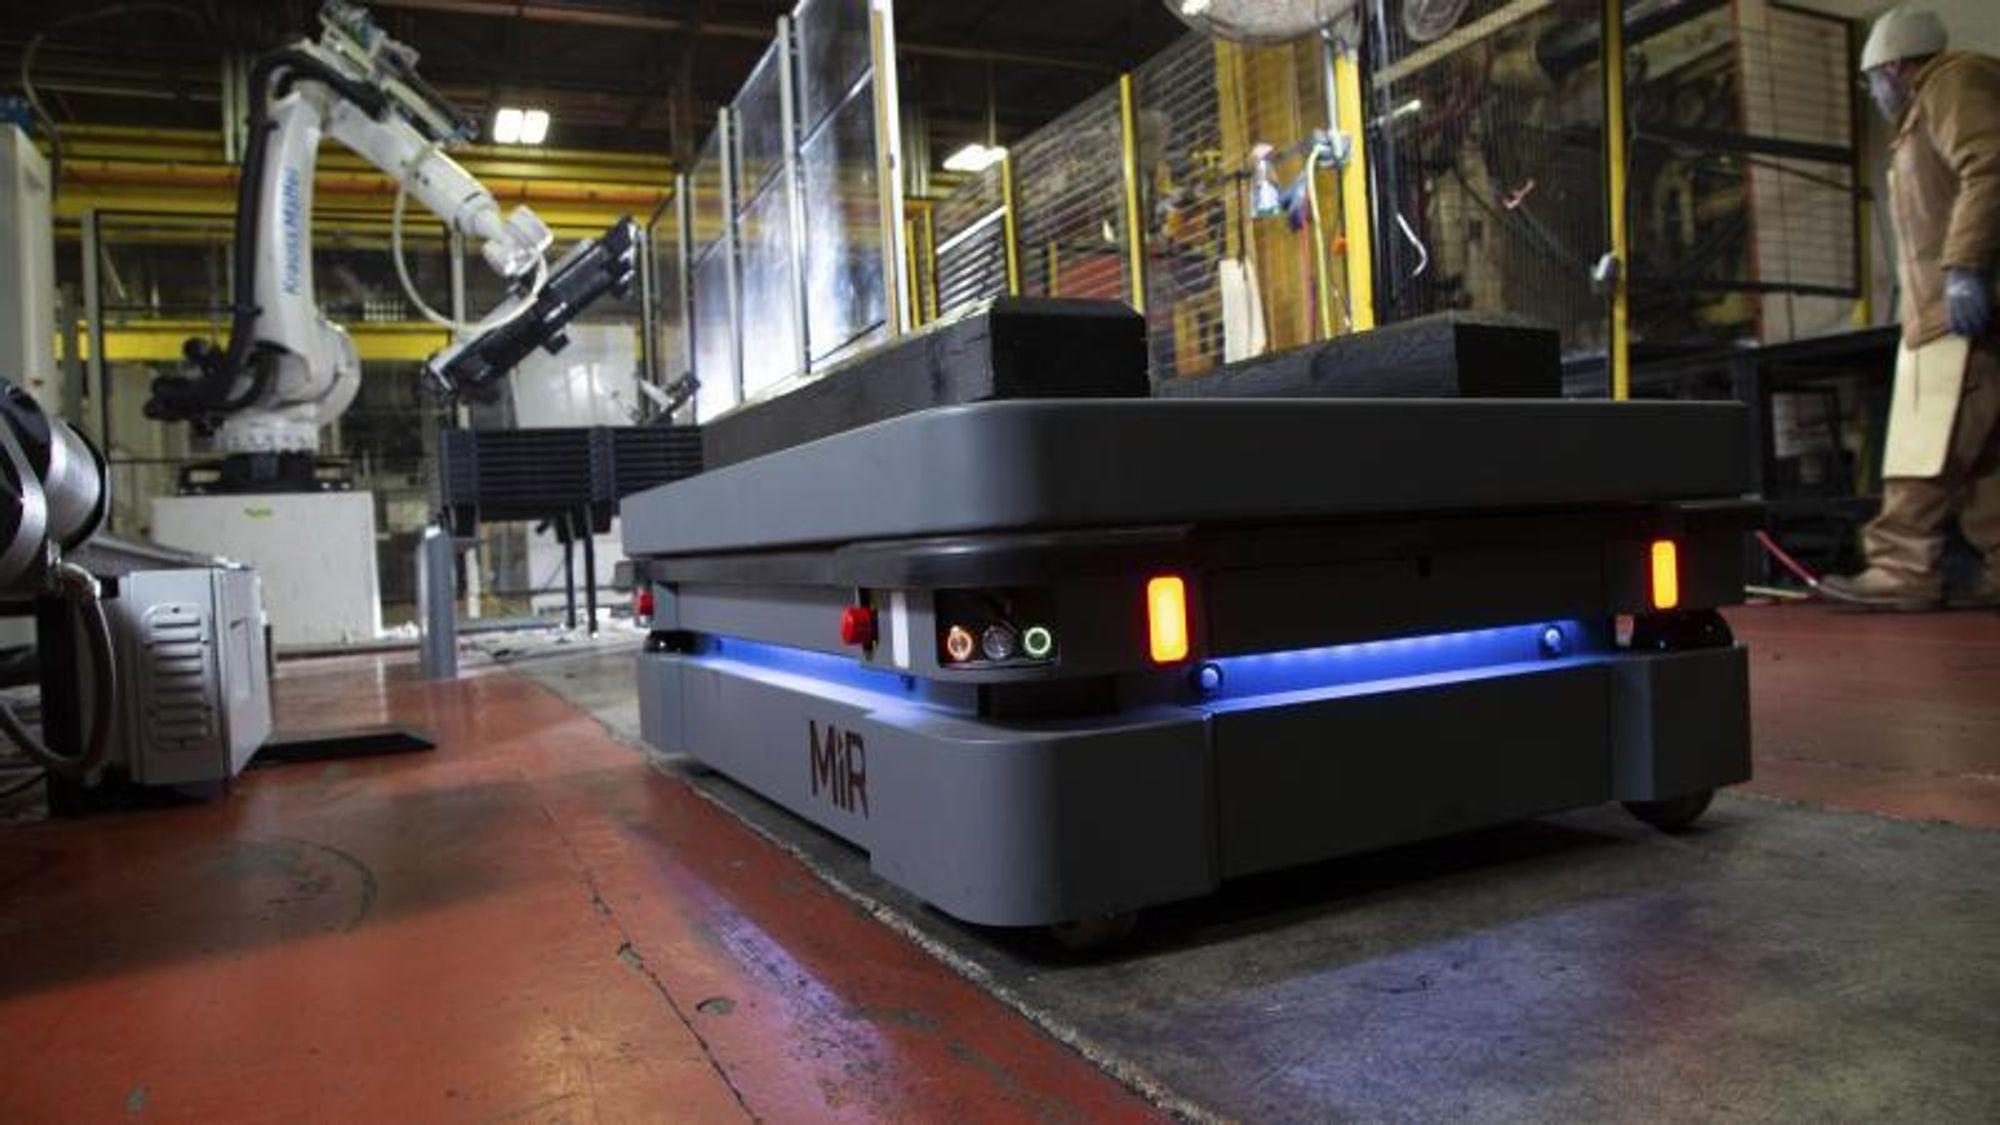 Danske MiRs mobile roboter har blitt populære ute i industrien. Nå forsøker MiR å få enda flere roboter ut til kundene ved å implementere nye forretningsmodeller med leasing.